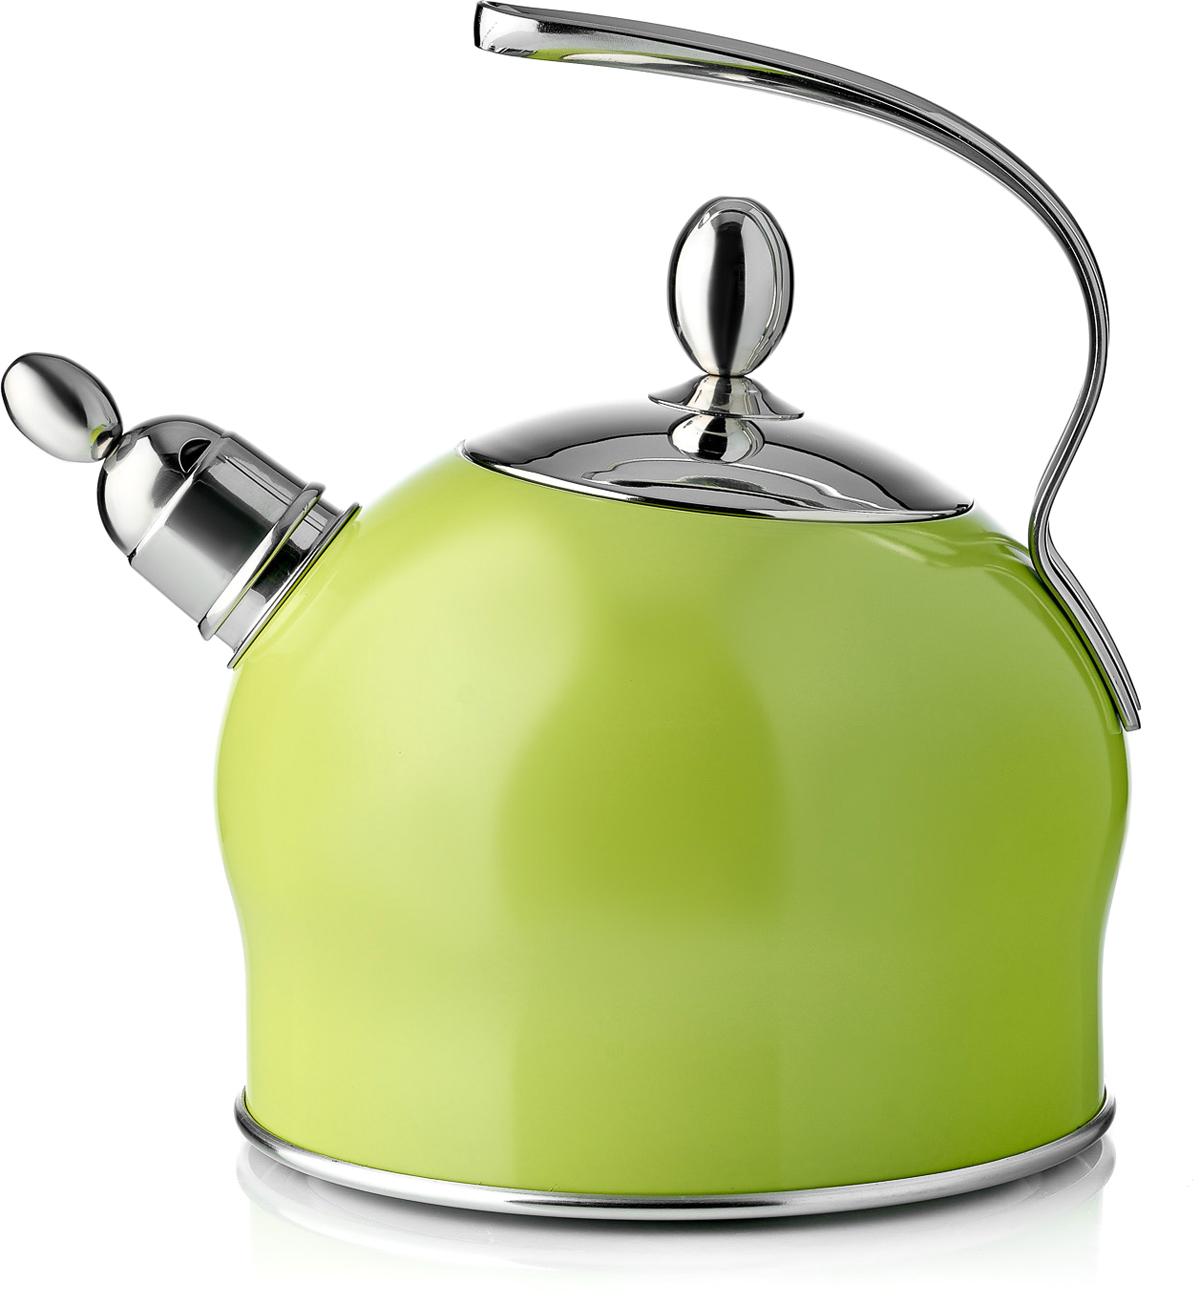 Чайник Esprado Ritade, со свистком, цвет: зеленый, 2,5 л54 009312Чайник Esprado Ritade изготовлен из специальной высококачественной нержавеющей пищевой стали Steelagen, разработанной датскими специалистами марки Esprado. Благодаря отличным антикоррозионным свойствам Steelagen устойчива к воздействию соленой и кислой сред. Сталь прочна и долговечна, а также безопасна для здоровья человека и окружающей среды. Внешние стенки чайника покрыты цветной жаростойкой эмалью, выдерживающей нагрев до 220°С. Трехслойное капсулированное дно (нержавеющая сталь, алюминий, магнитная сталь) обеспечивает равномерный нагрев посуды и постепенное остывание (эффект томления). Чайник оснащен удобной стальной ручкой. Носик чайника имеет насадку-свисток, что позволит вам контролировать процесс подогрева или кипячения воды.Подходит для использования на всех видах плит, включая индукционные.В Испании распространен горшочек-яблоко, в котором готовят традиционный испанский томатный суп, - считается, что в посуде именно такой формы тушеные блюда и супы густой консистенции получаются просто идеальными.Торговая марка Esprado представляет аналог этой известной посуды - коллекцию Ritade, произведенную с использованием современных высококачественных материалов и покрытий. Коллекция отличается современным дизайном, и благодаря округлой форме и насыщенному цвету выглядит очень привлекательно.